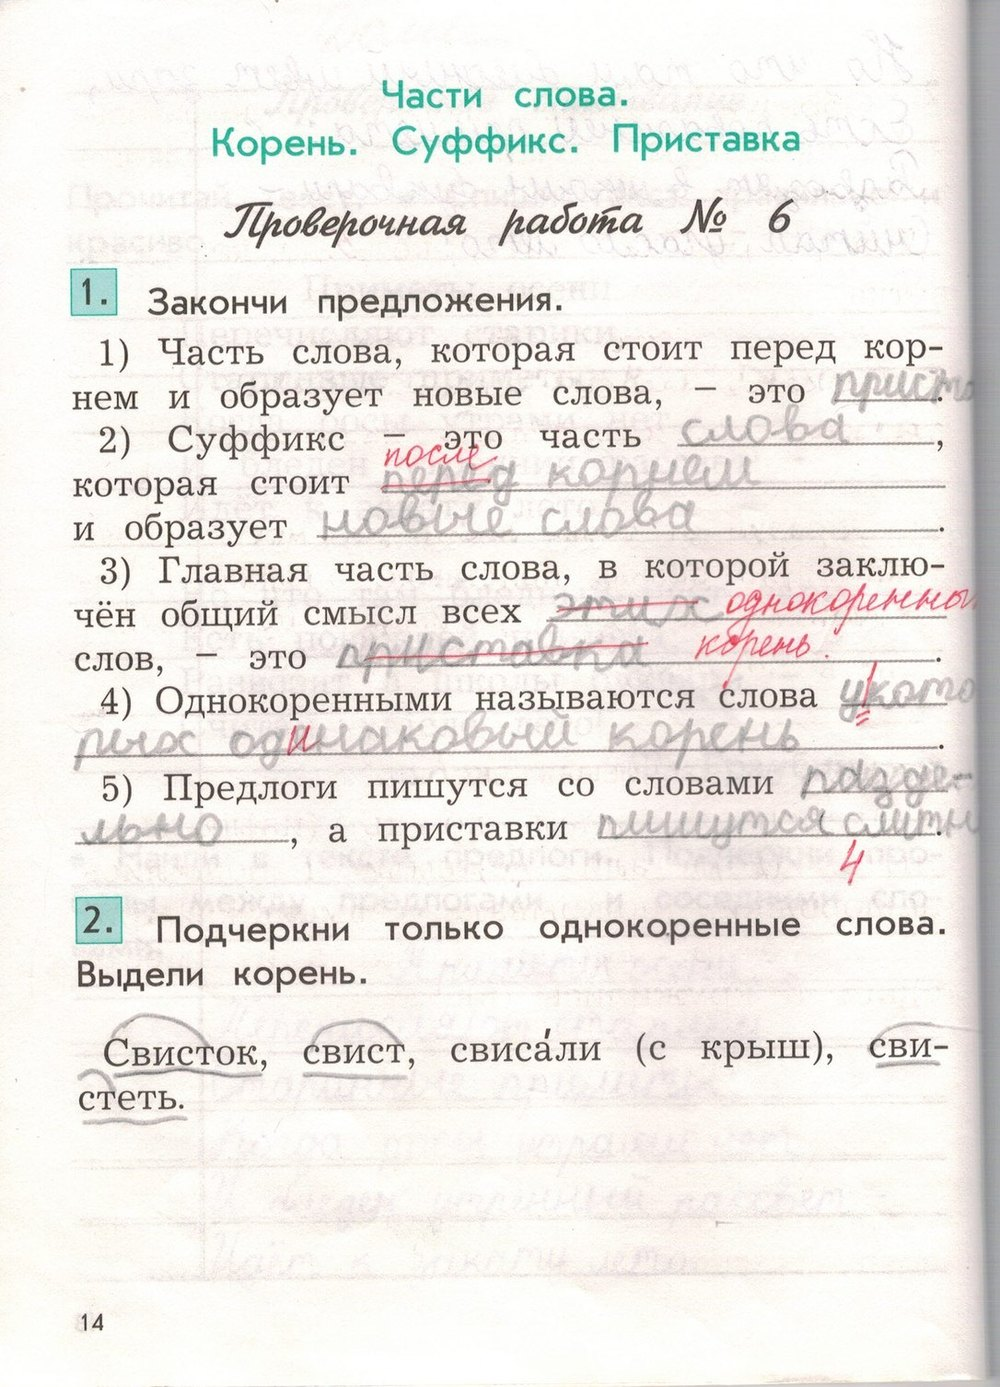 Гдз По Контрольной Работе 6 Класс По Русскому Языку Номер6